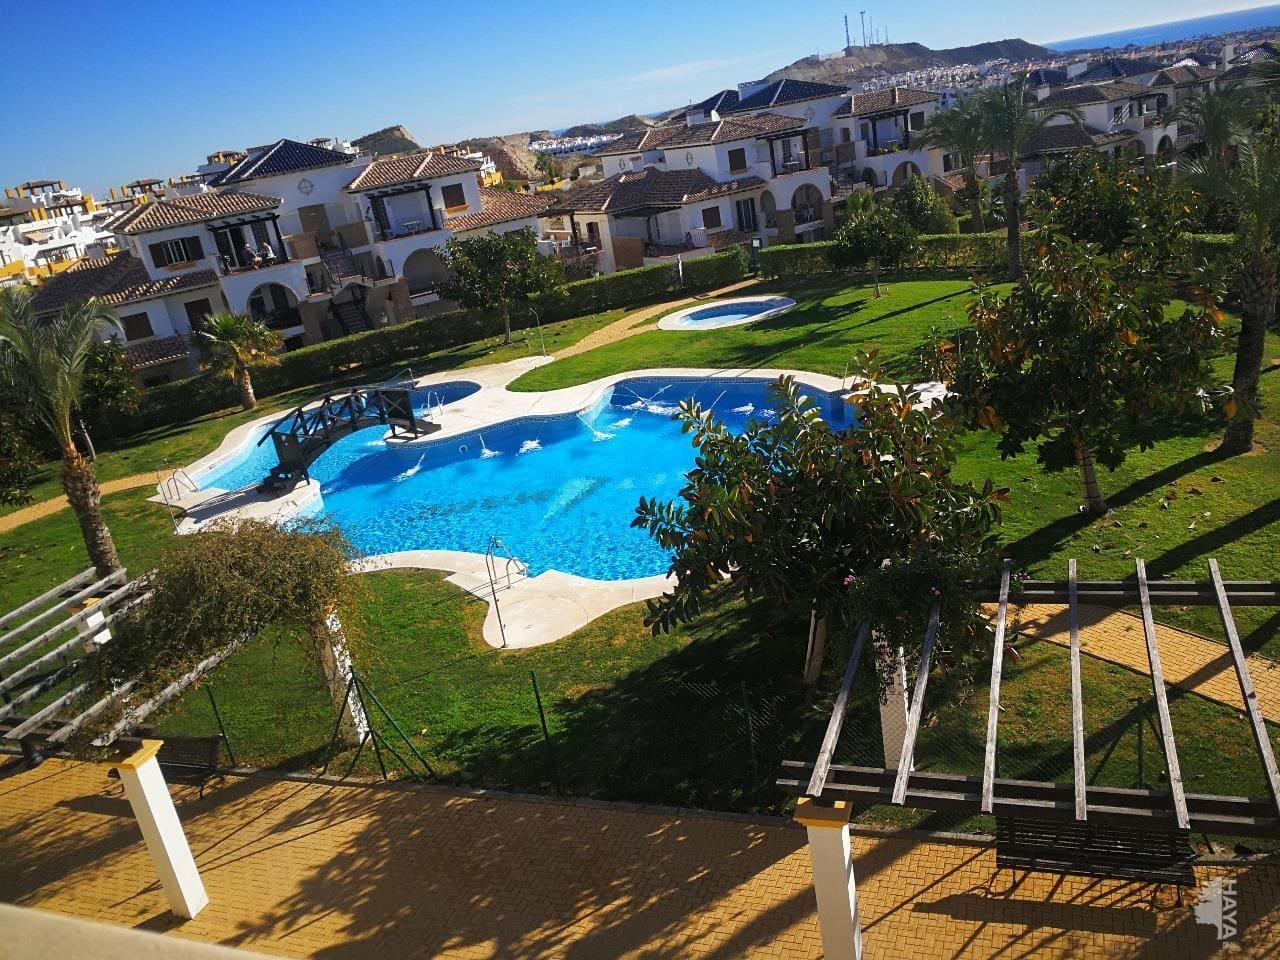 Piso en venta en Vera Playa, Vera, Almería, Calle Tomillo, 90.000 €, 2 habitaciones, 2 baños, 71 m2